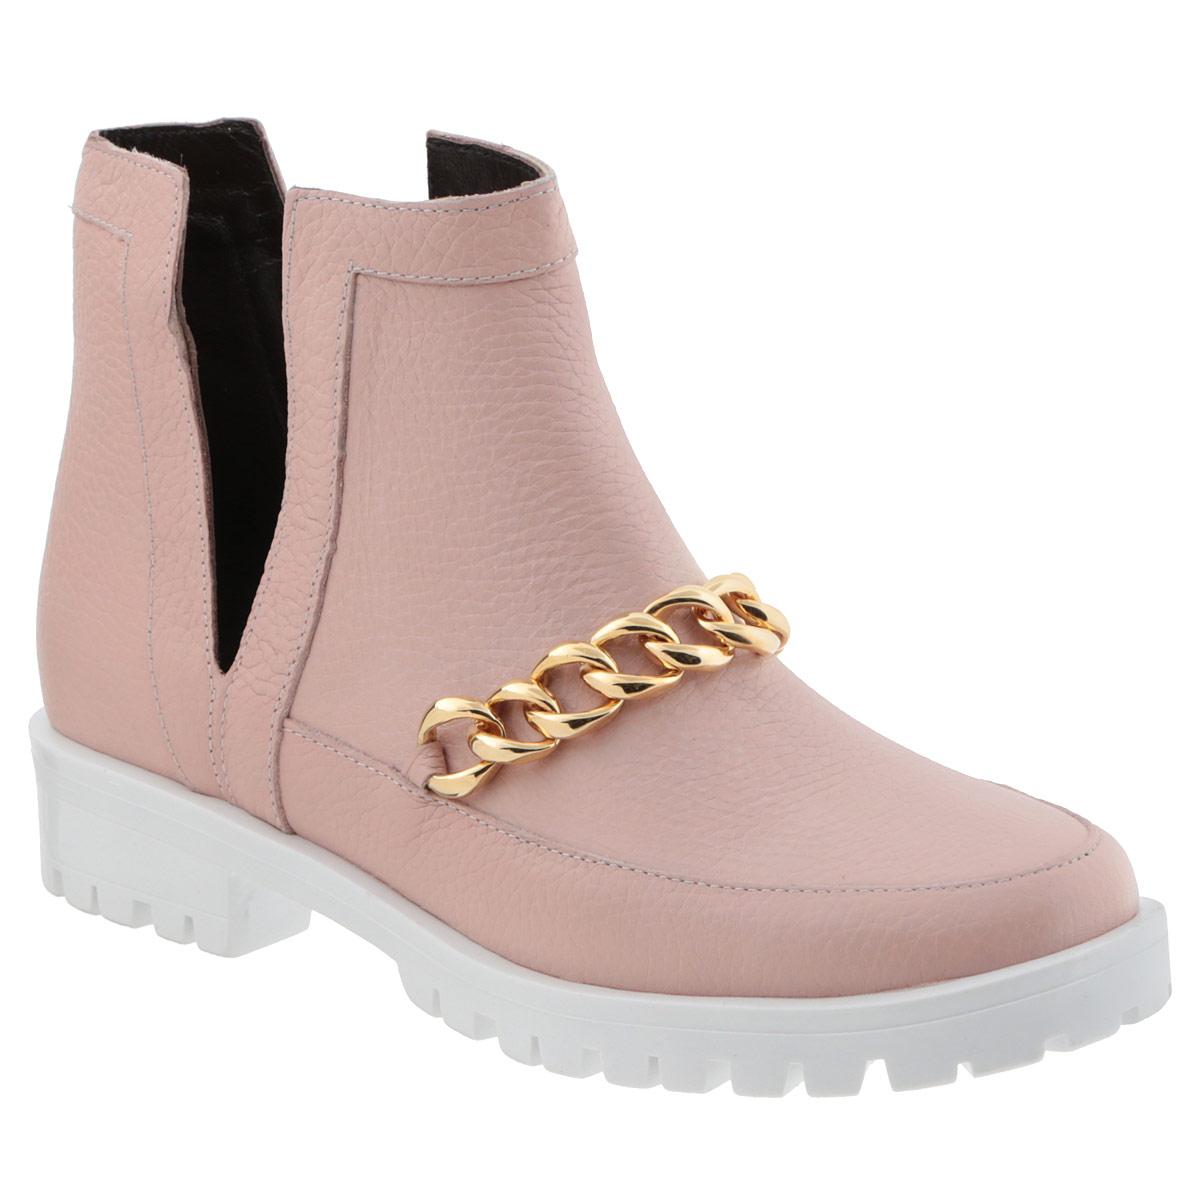 D15KB-0226Оригинальные женские ботинки от Grand Style поразят вас своим дизайном! Модель выполнена из натуральной высококачественной кожи. Подъем оформлен крупной декоративной цепью. Боковые стороны дополнены глубокими V-образными вырезами. Отсутствие застежек компенсировано шириной голенища. Невероятно мягкая стелька из текстиля обеспечивает максимальный комфорт при движении. Каблук и подошва с рифленым протектором не скользят. Эффектные ботинки помогут вам создать яркий, запоминающийся образ и выделиться среди окружающих.